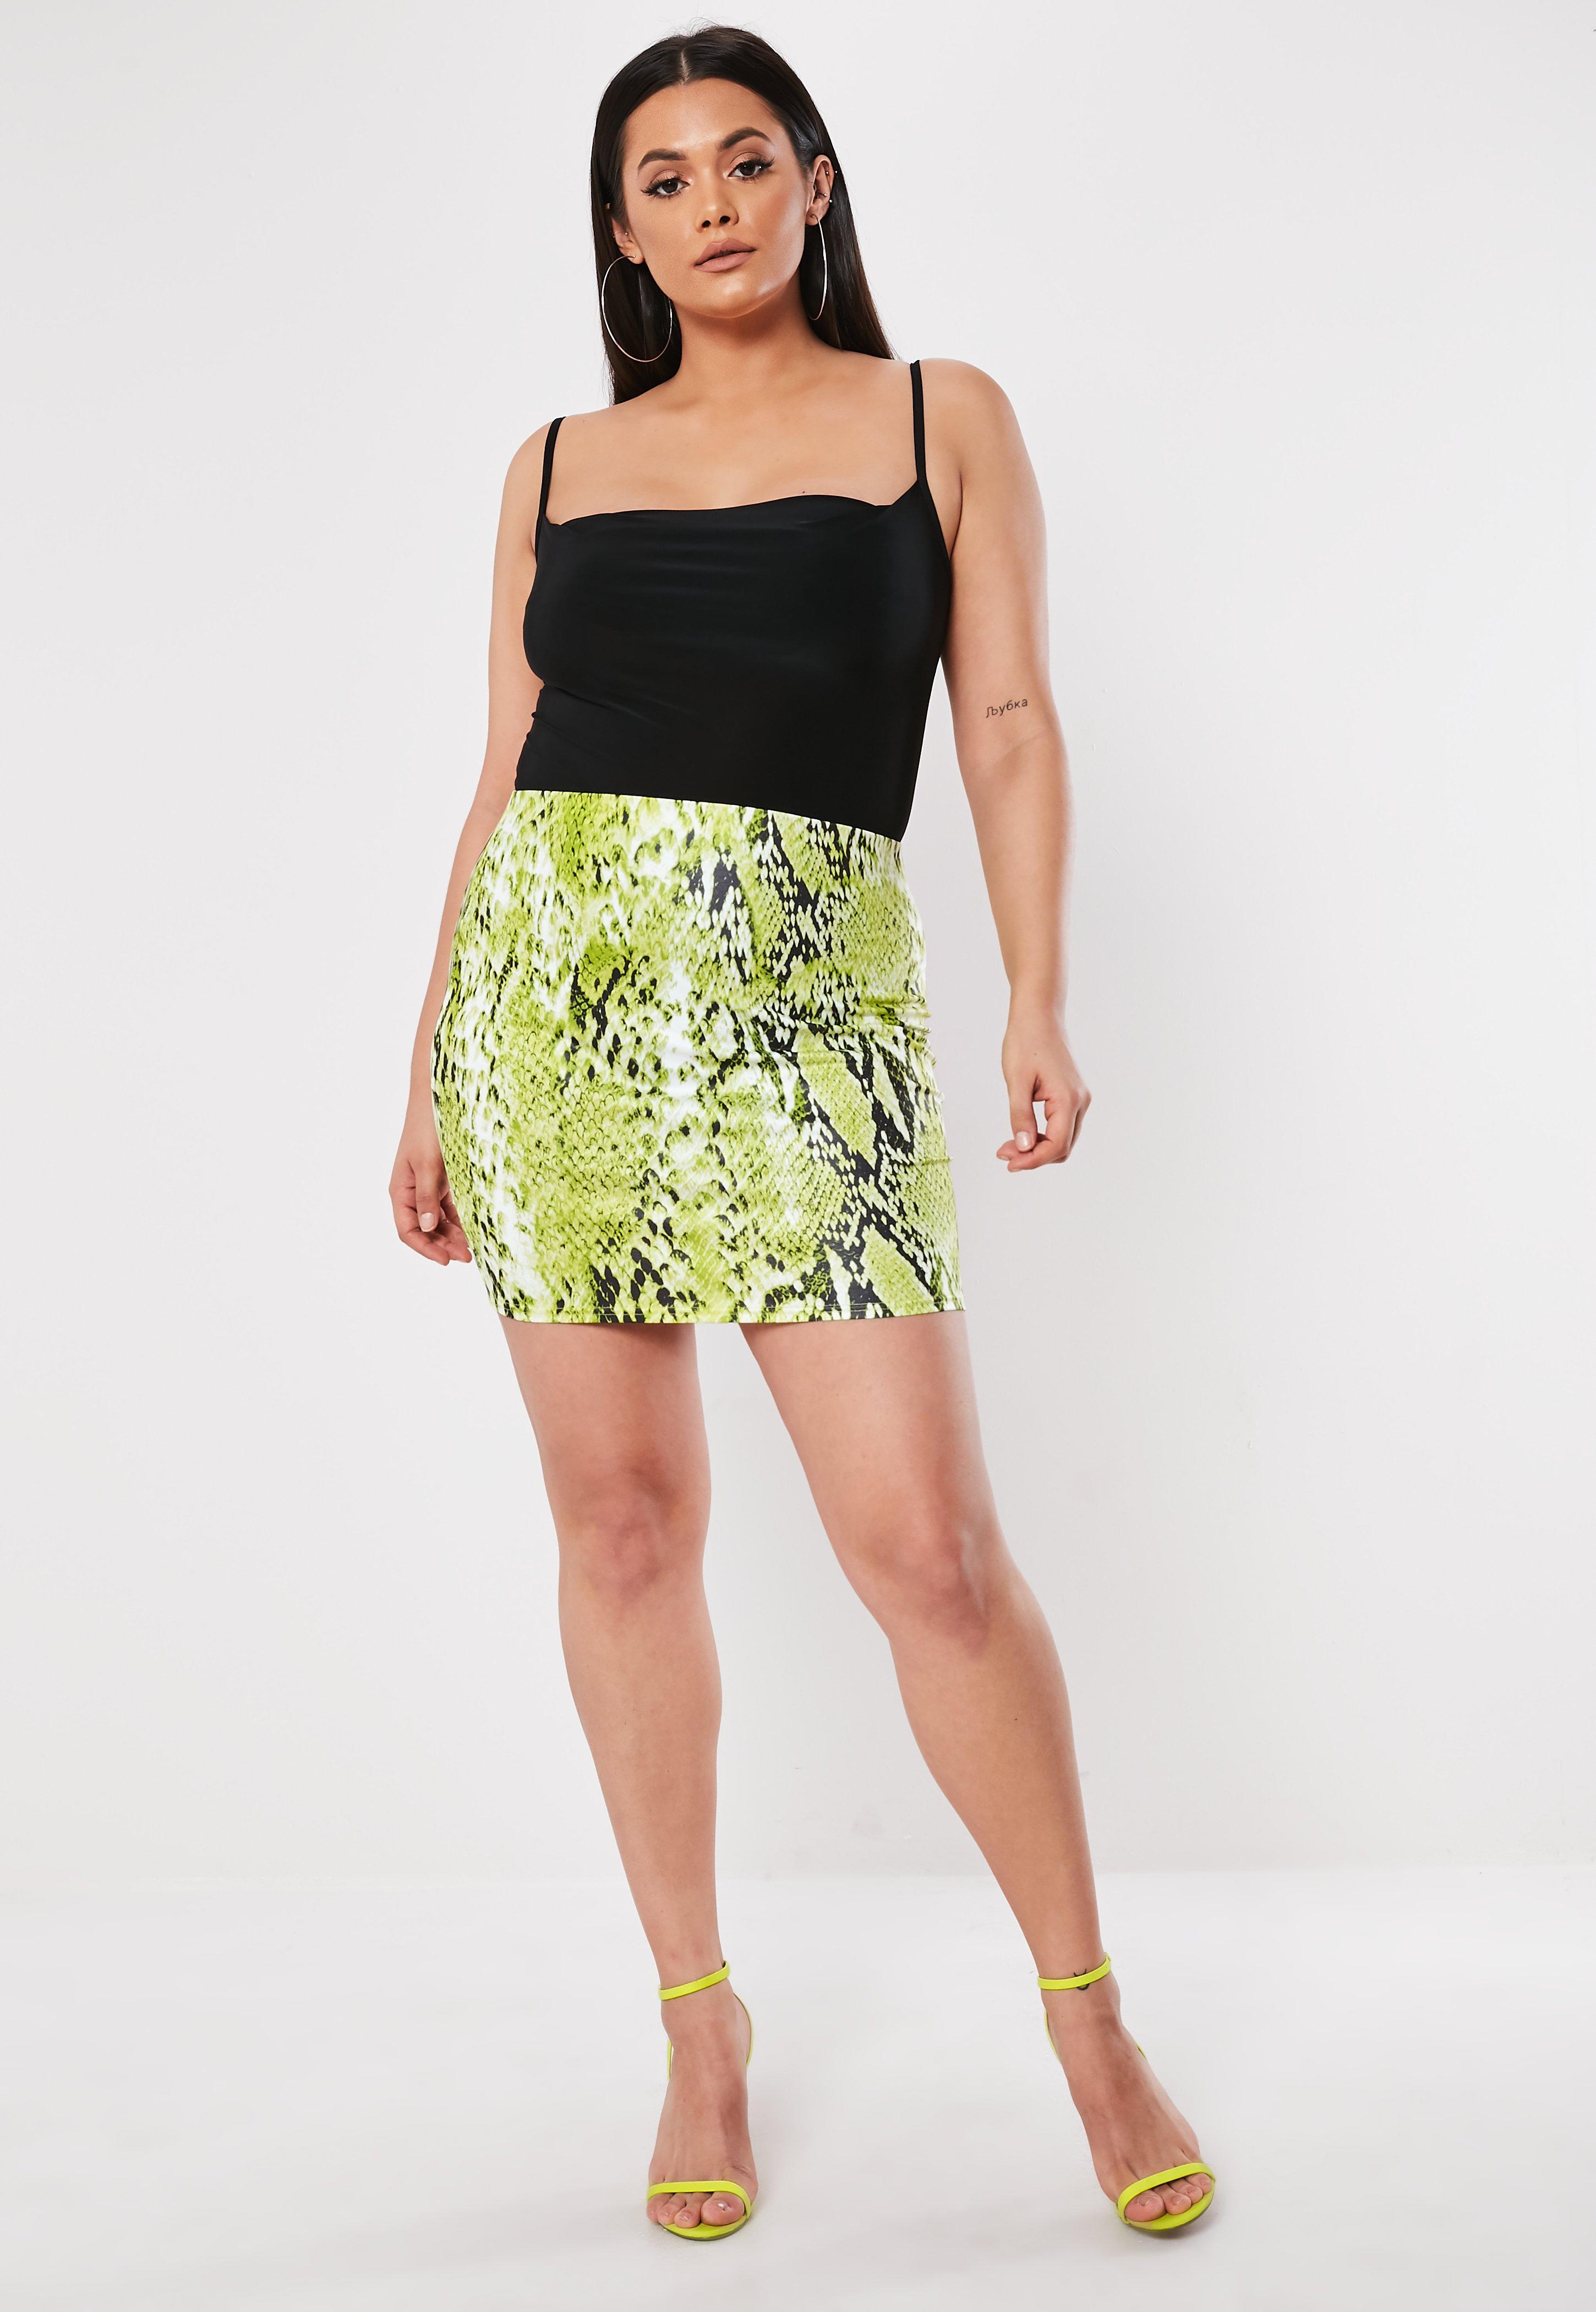 51810678d9e Plus Size Clothing